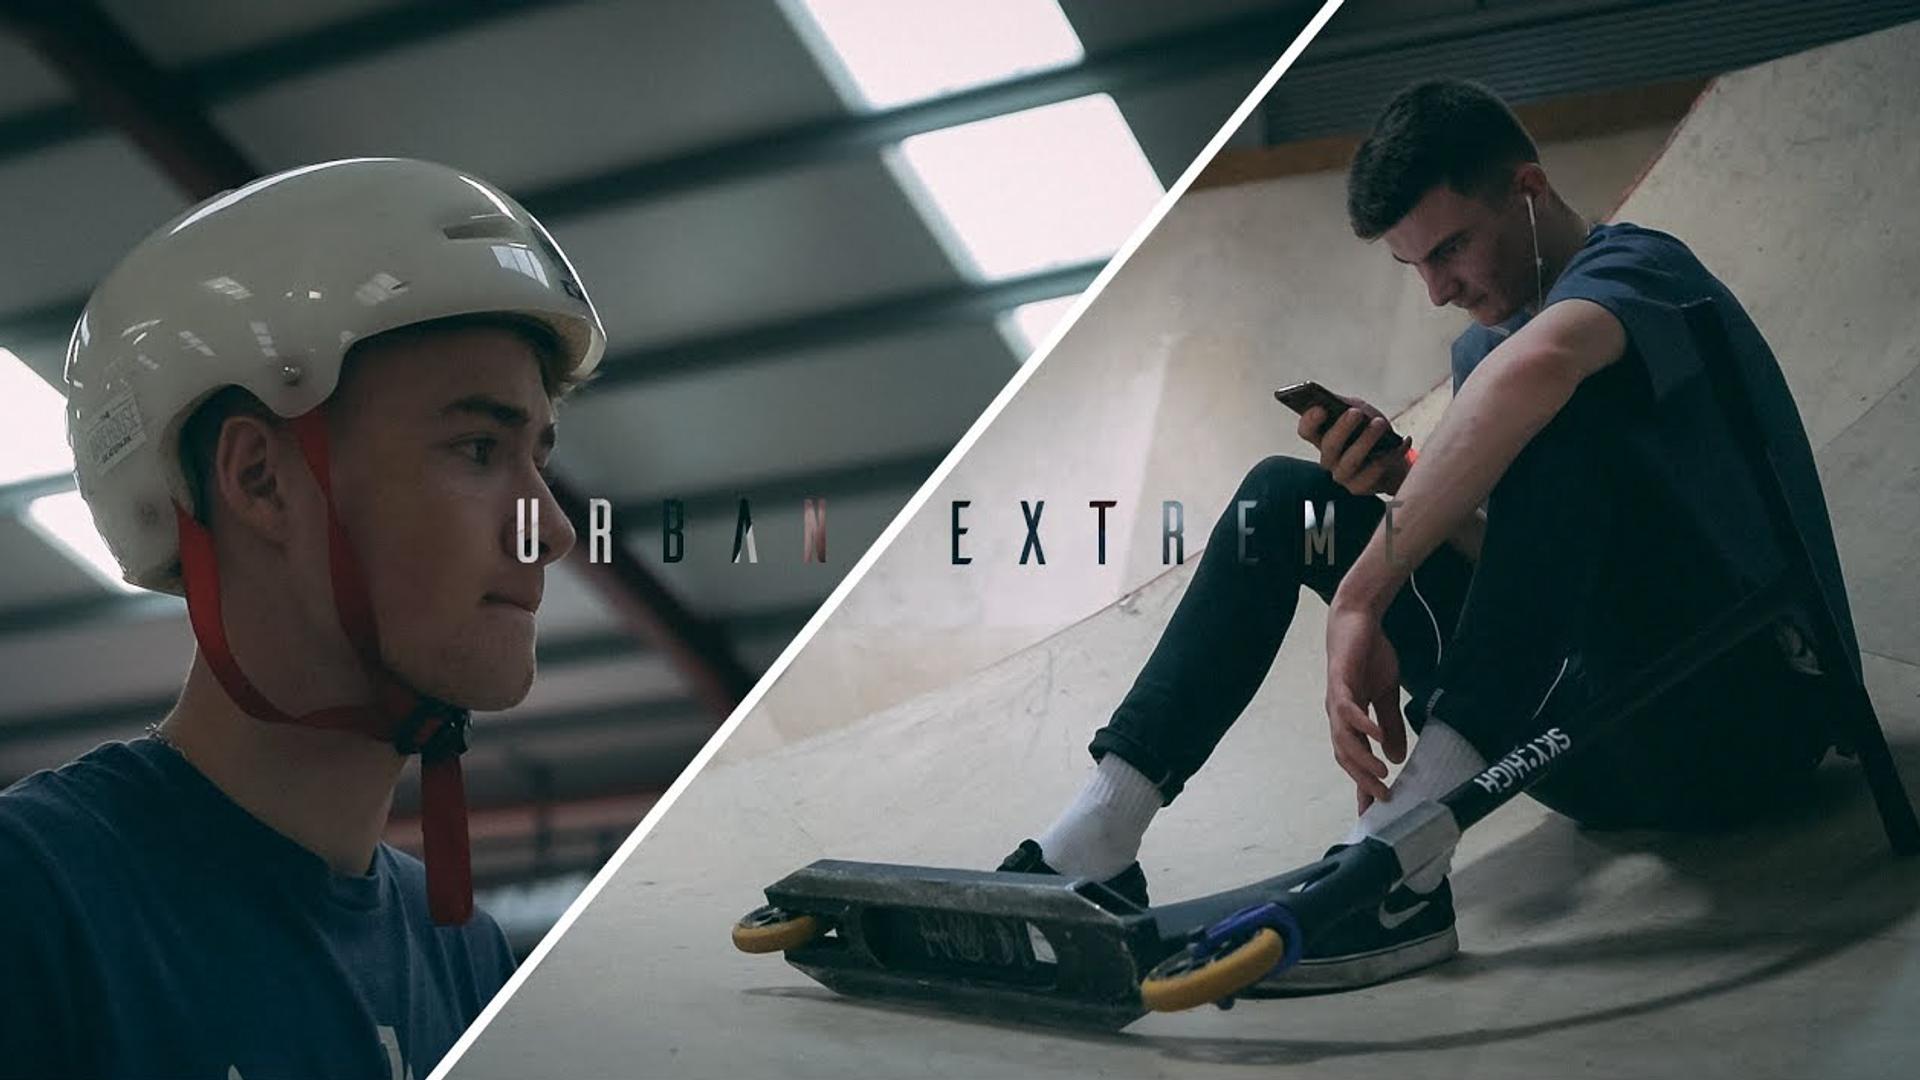 Urban Extreme Skatepark